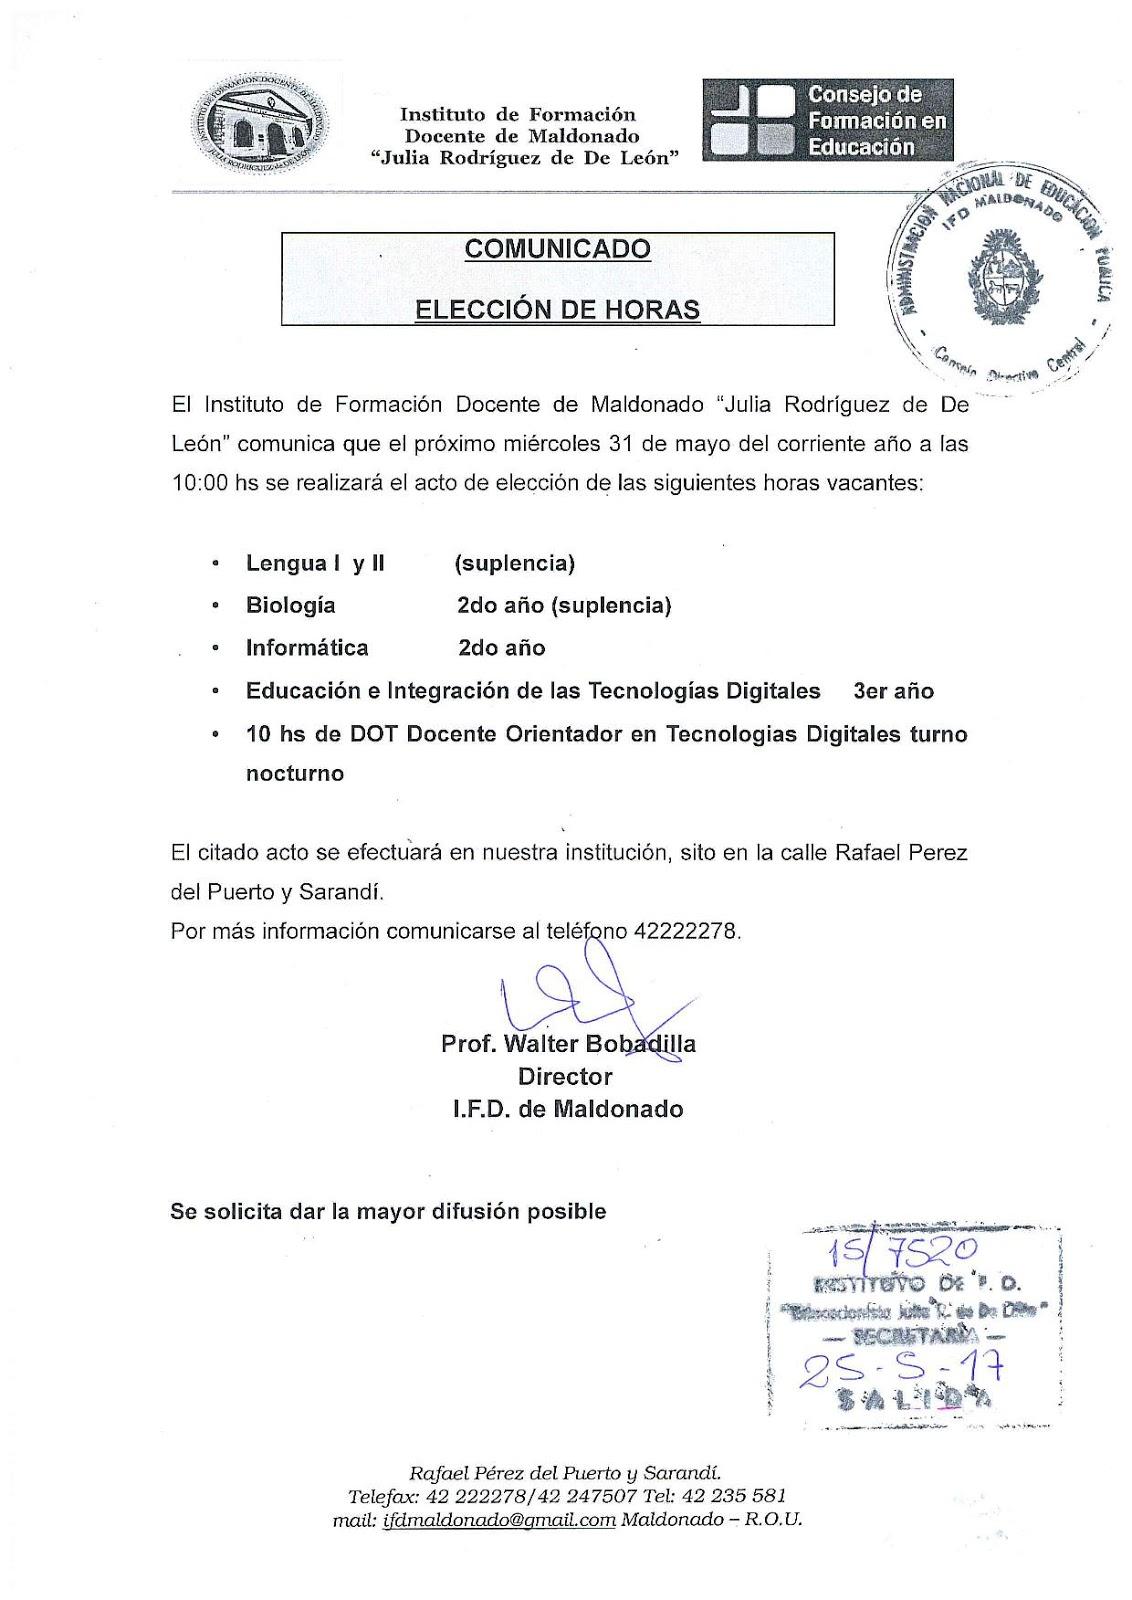 Instituto de formaci n docente de maldonado elecci n de horas for Instituto formacion docente